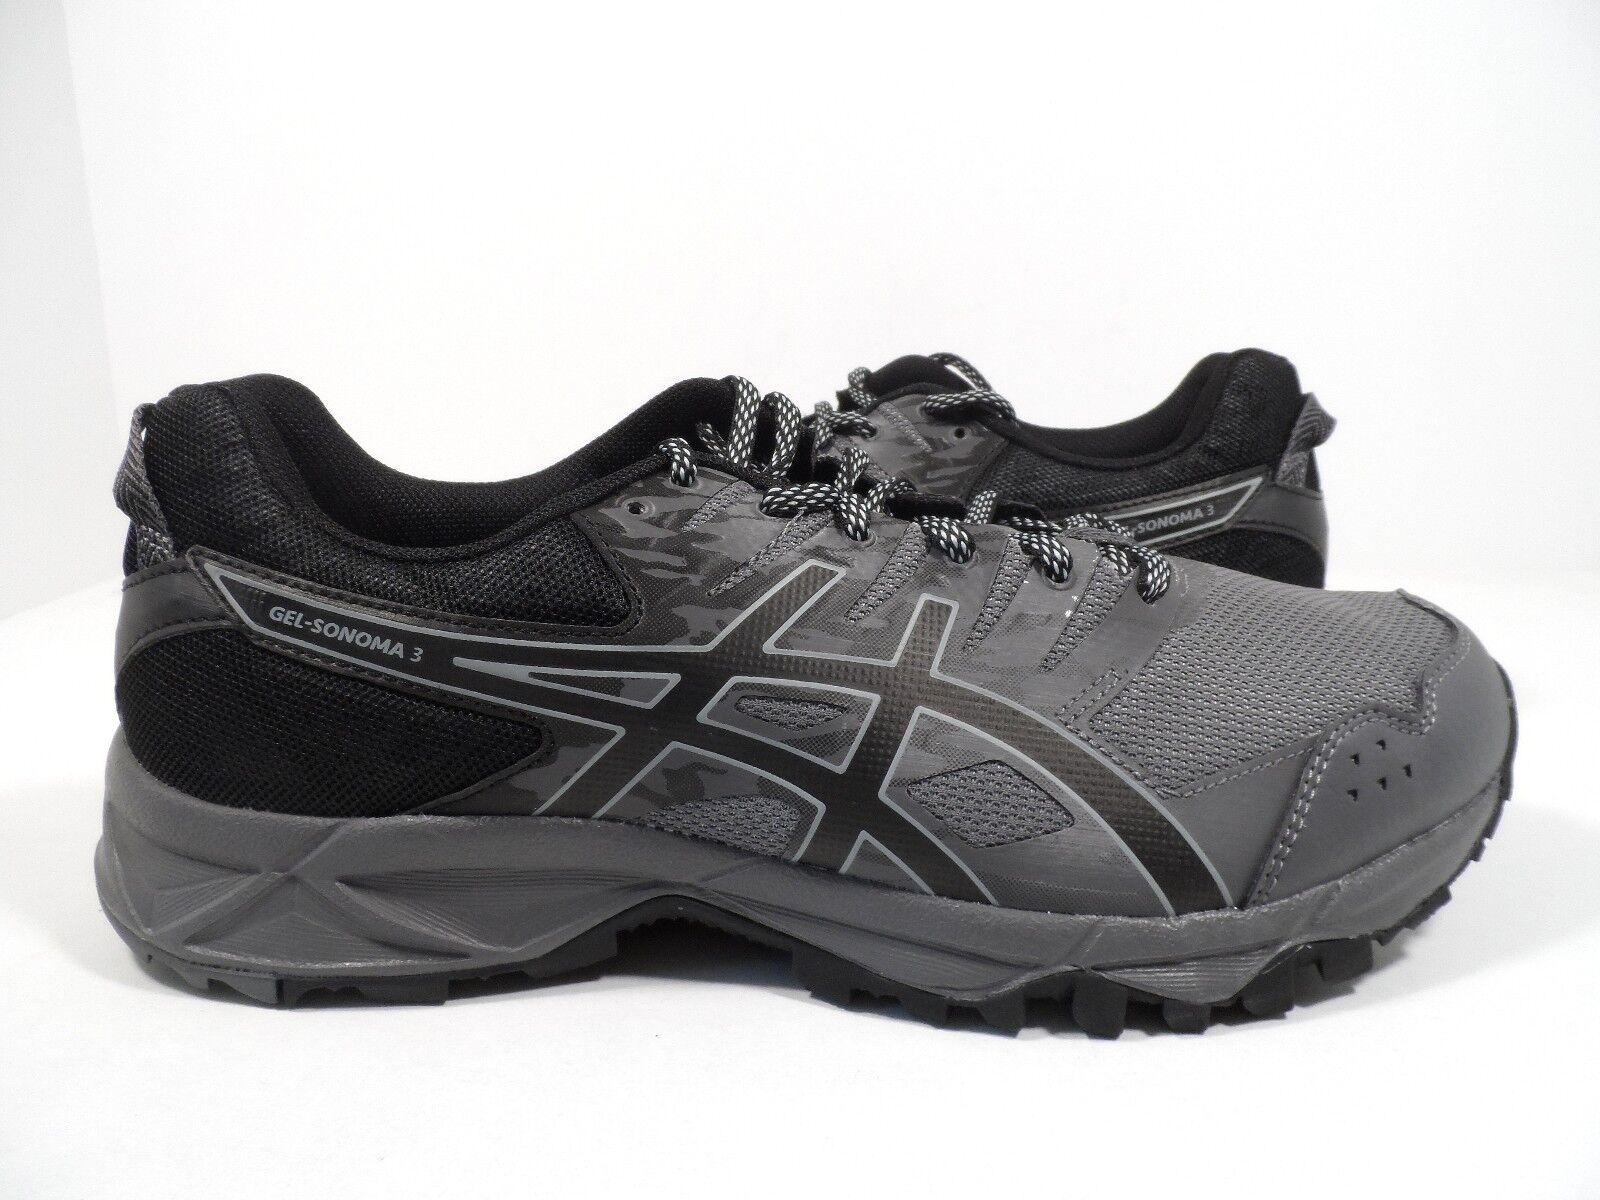 Asic uomini 'gel sonoma 3 scarpa da corsa carbonio / nero / midgrey misura 7,5 4e